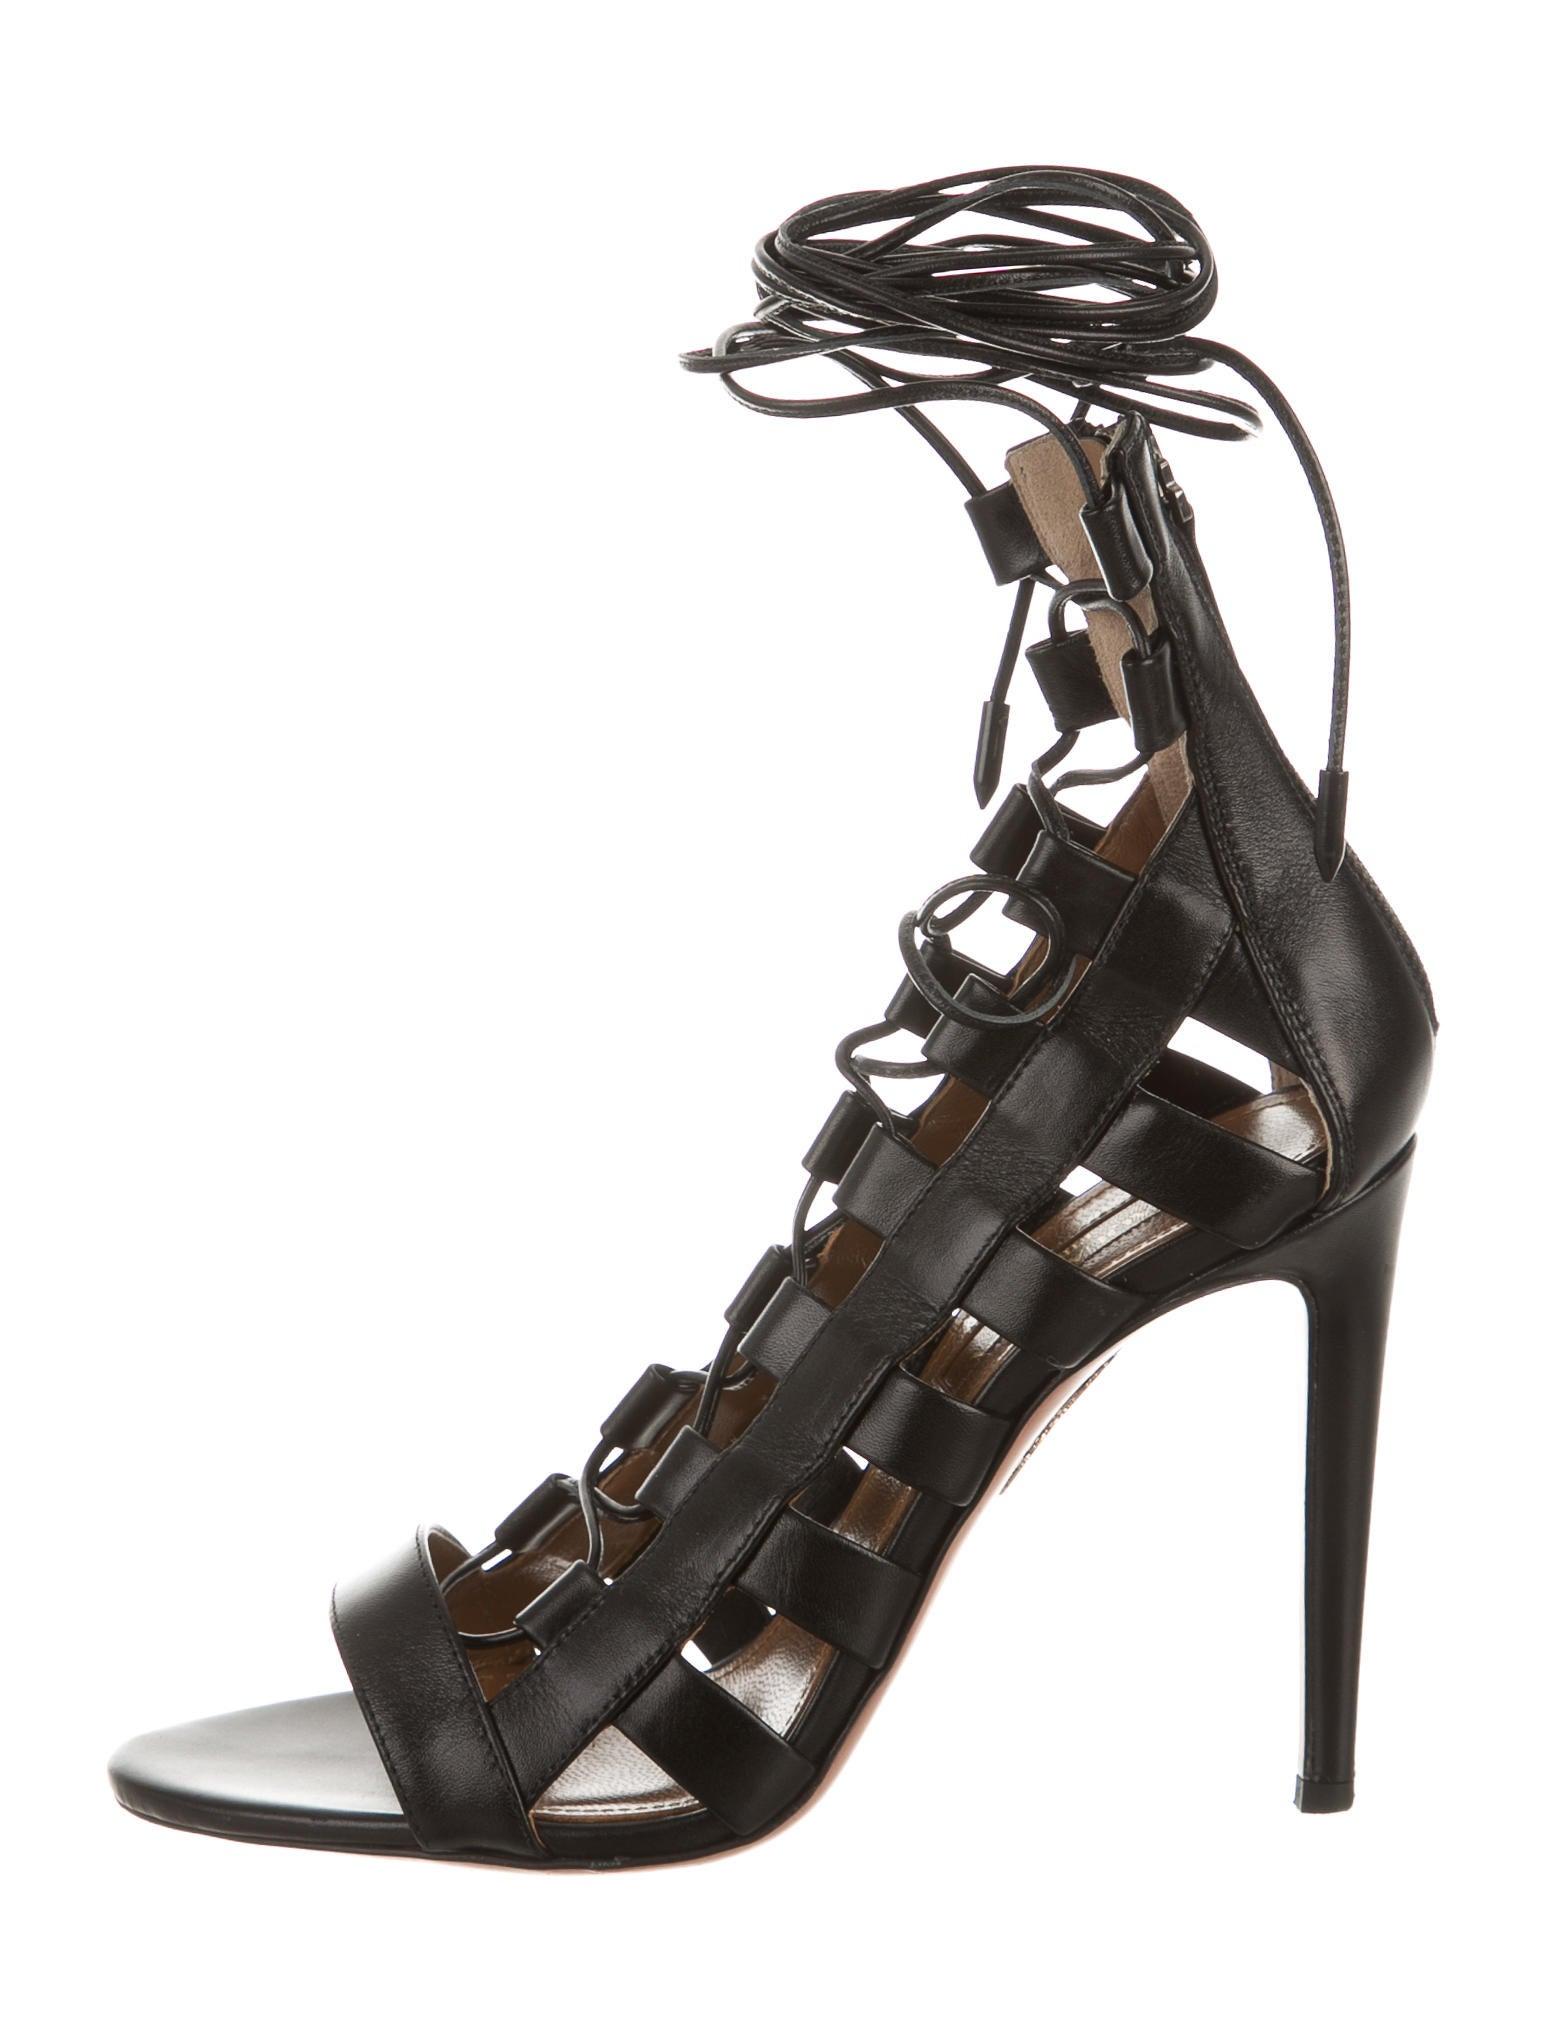 1079687916 Aquazzura Amazon Lace-Up Sandals - Shoes - AQZ21500